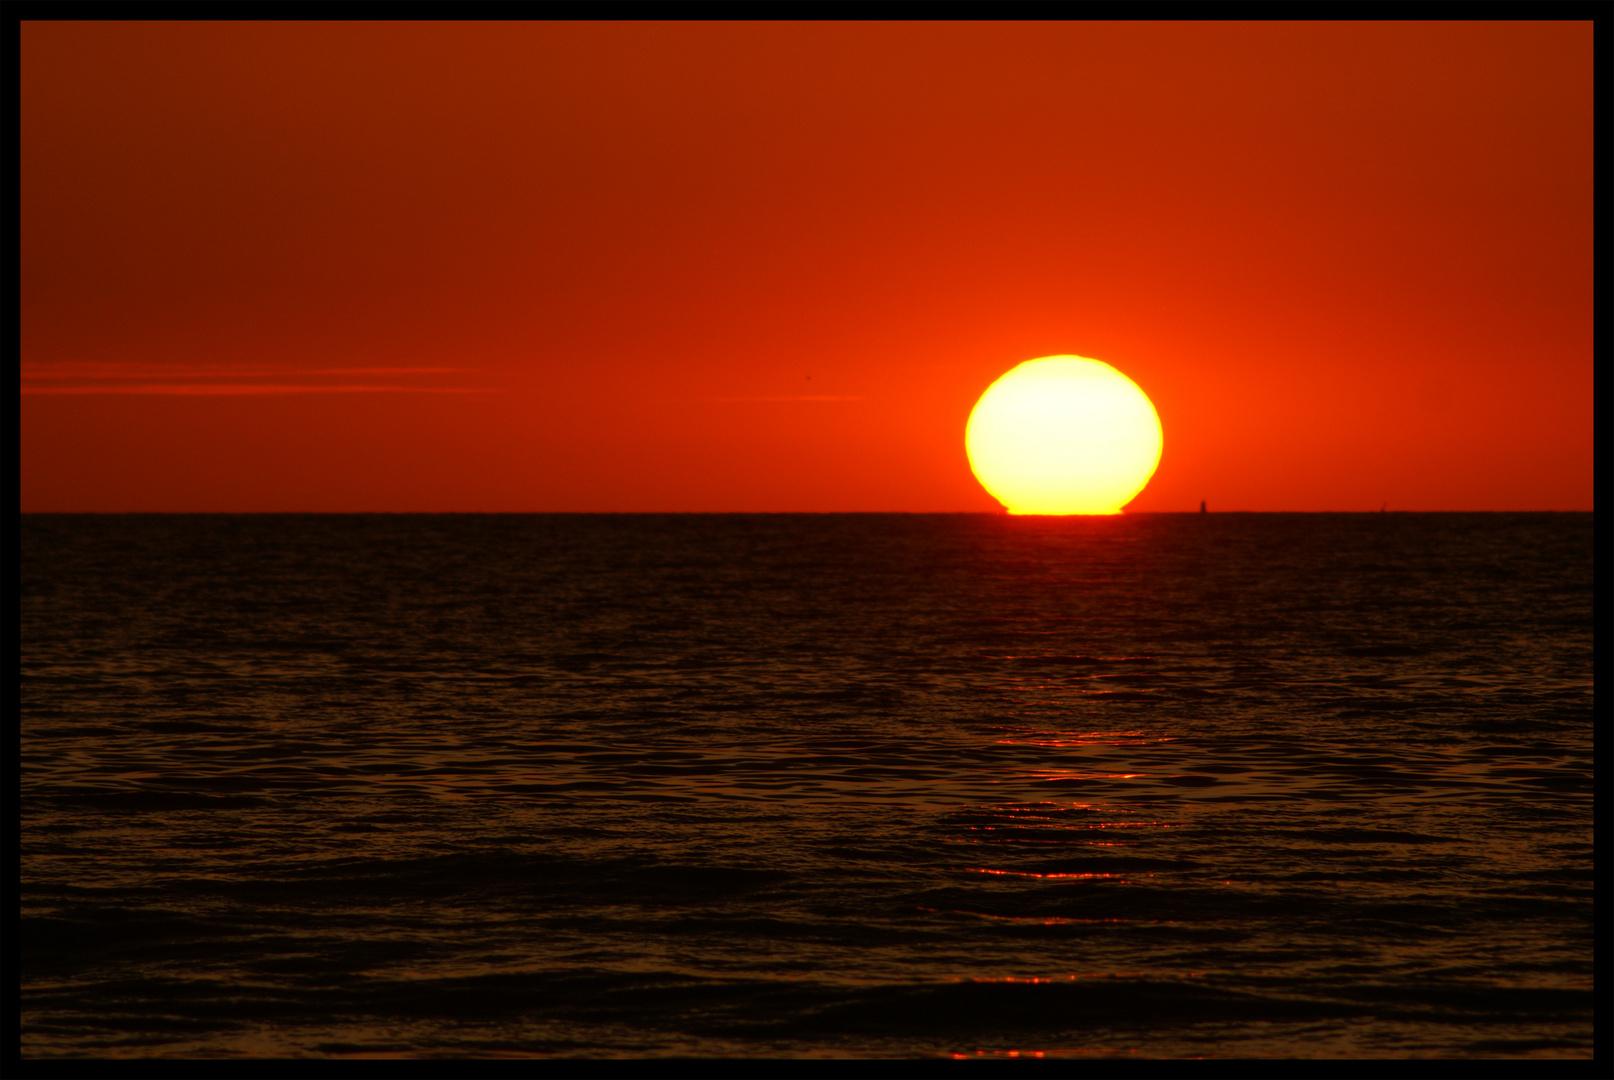 Sun meets earth